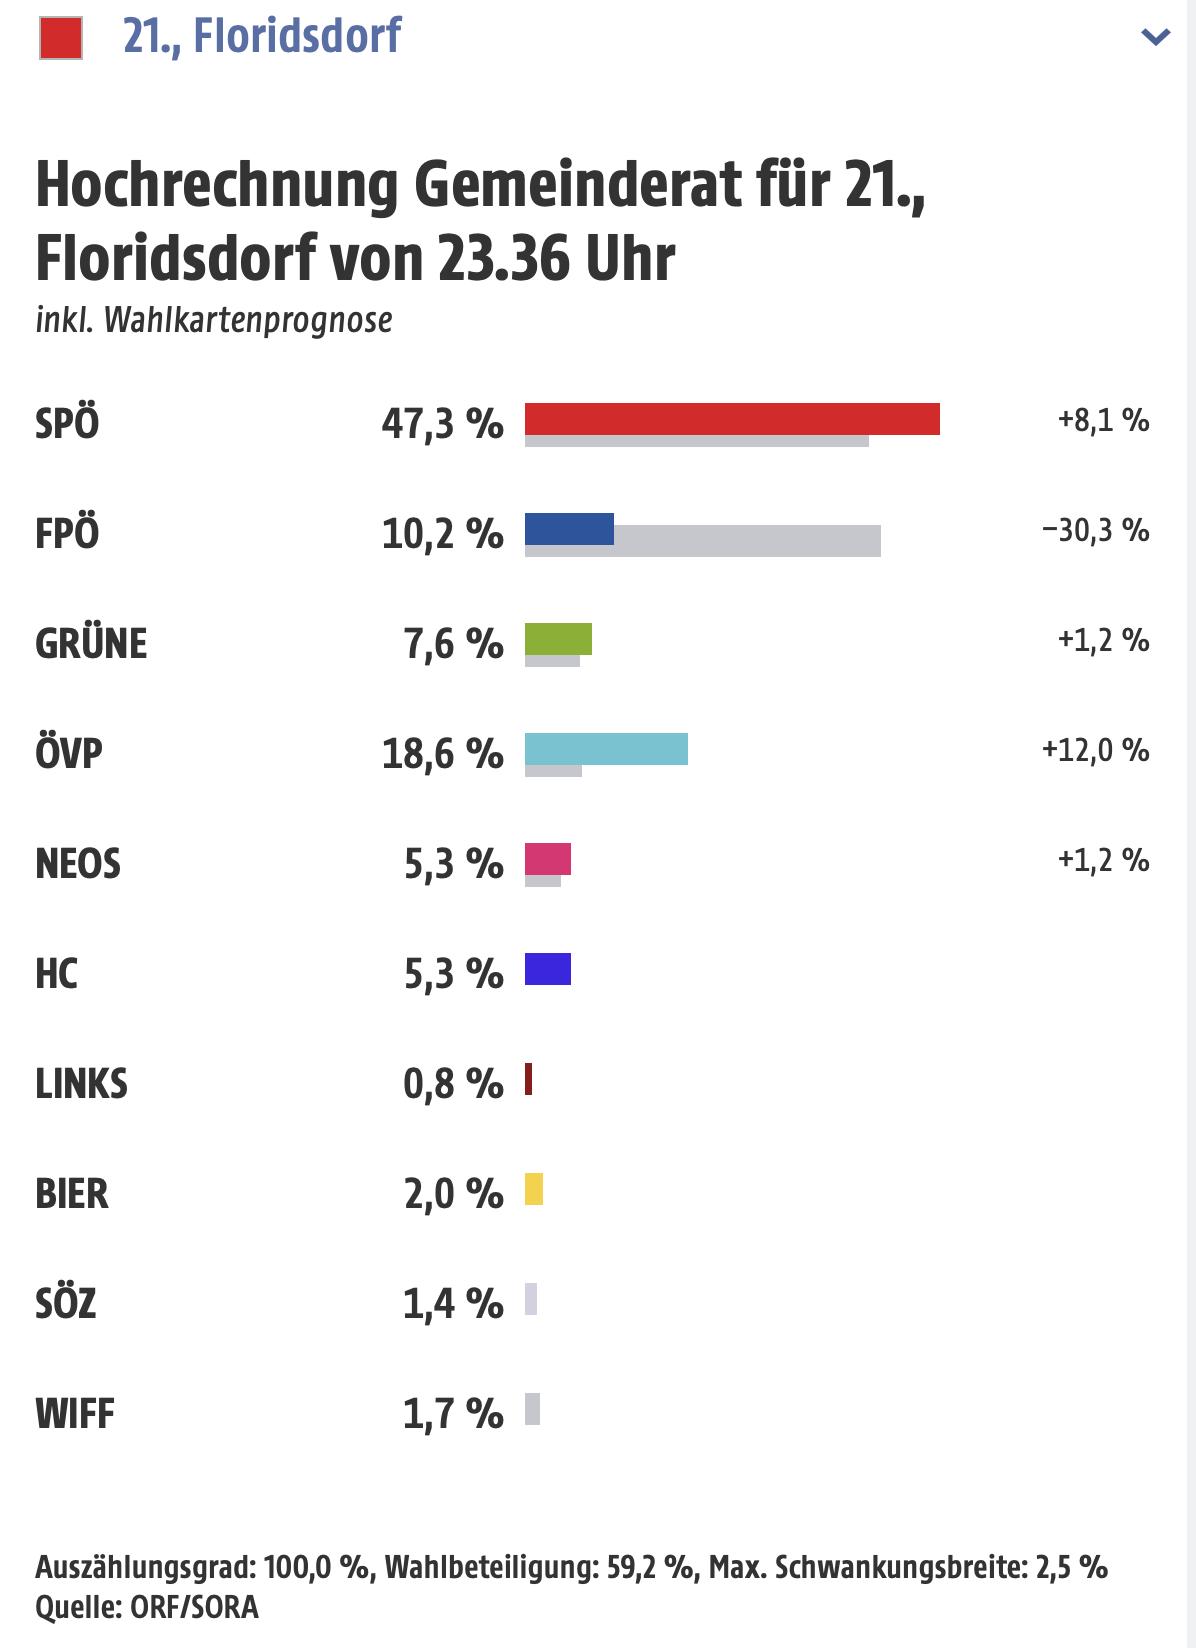 Gemeinderatsergebnis in Floridsdorf mit Wahlkarten-Hochrechnung. BIld: orf.at